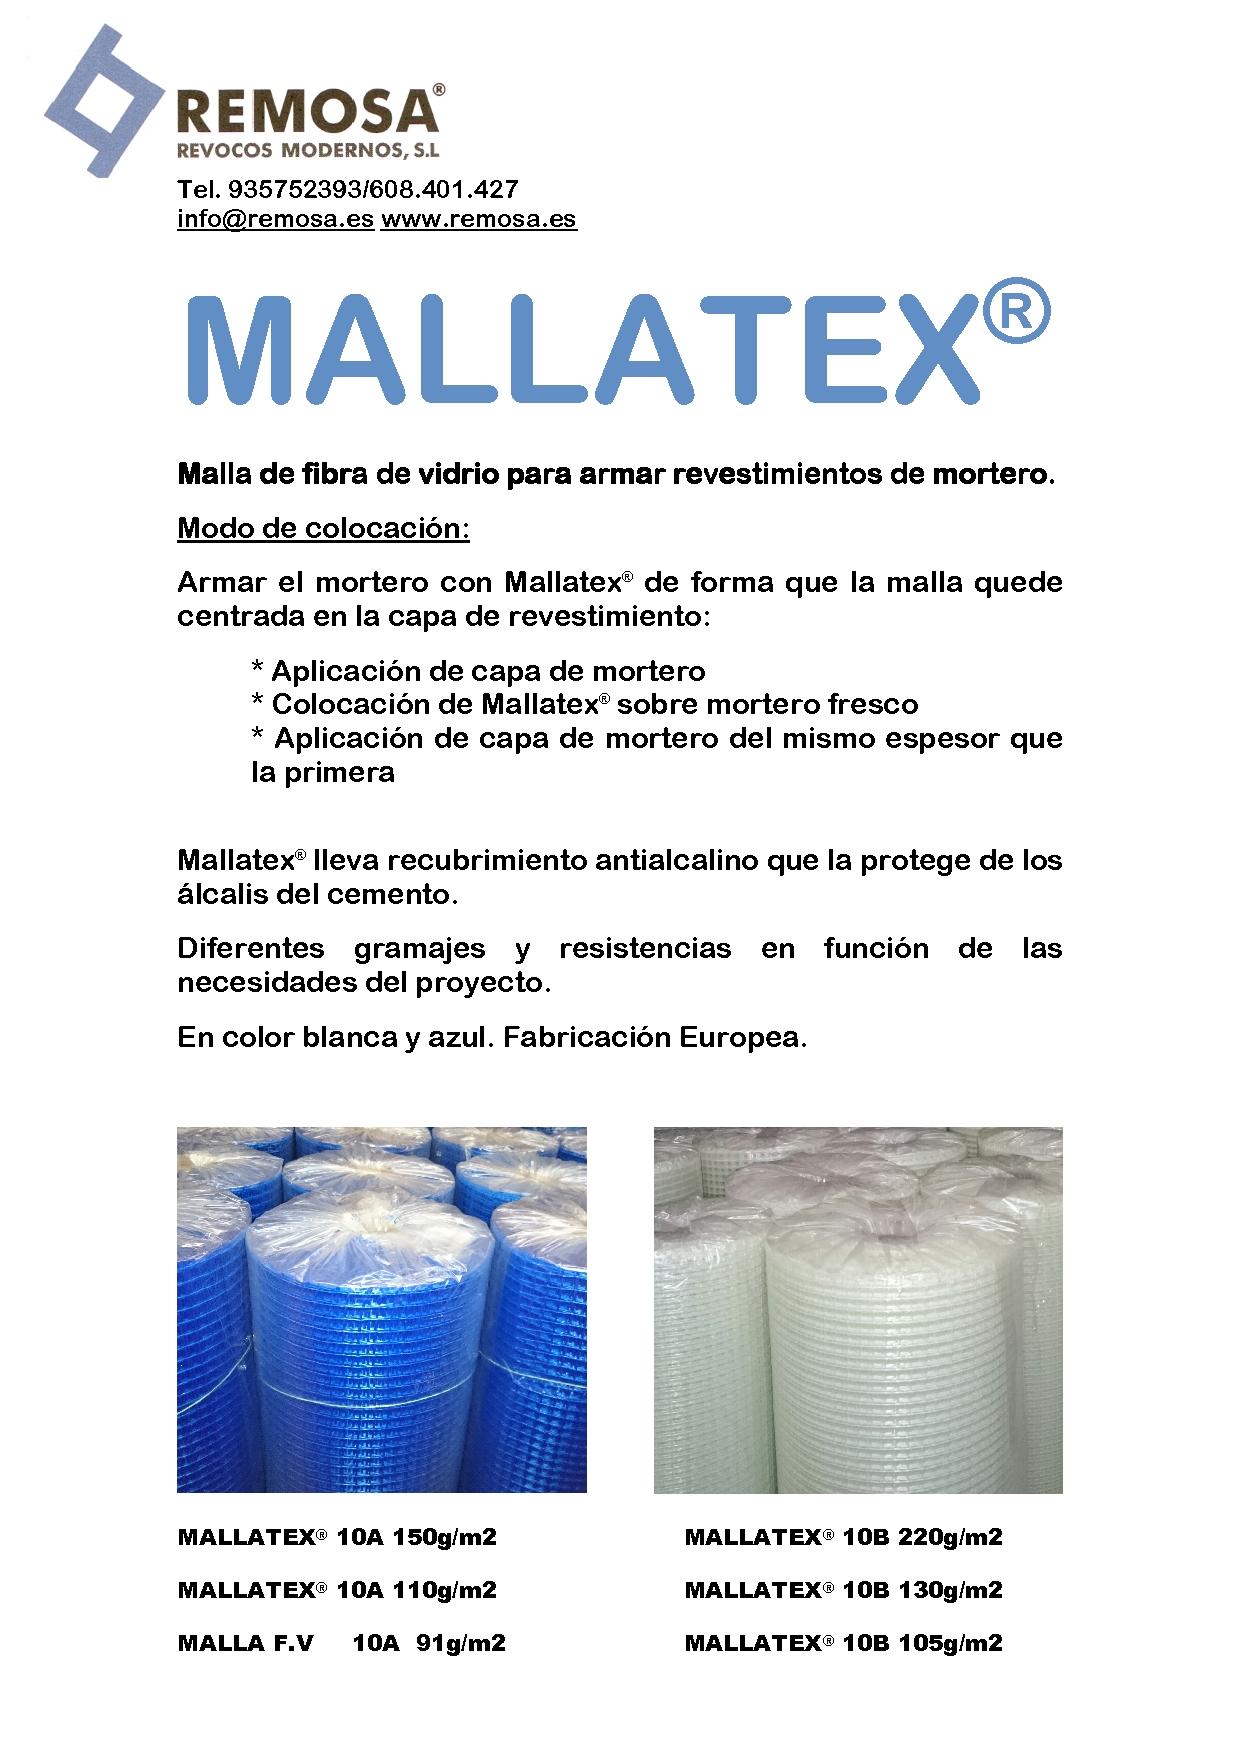 MALLATEX® MORTERO